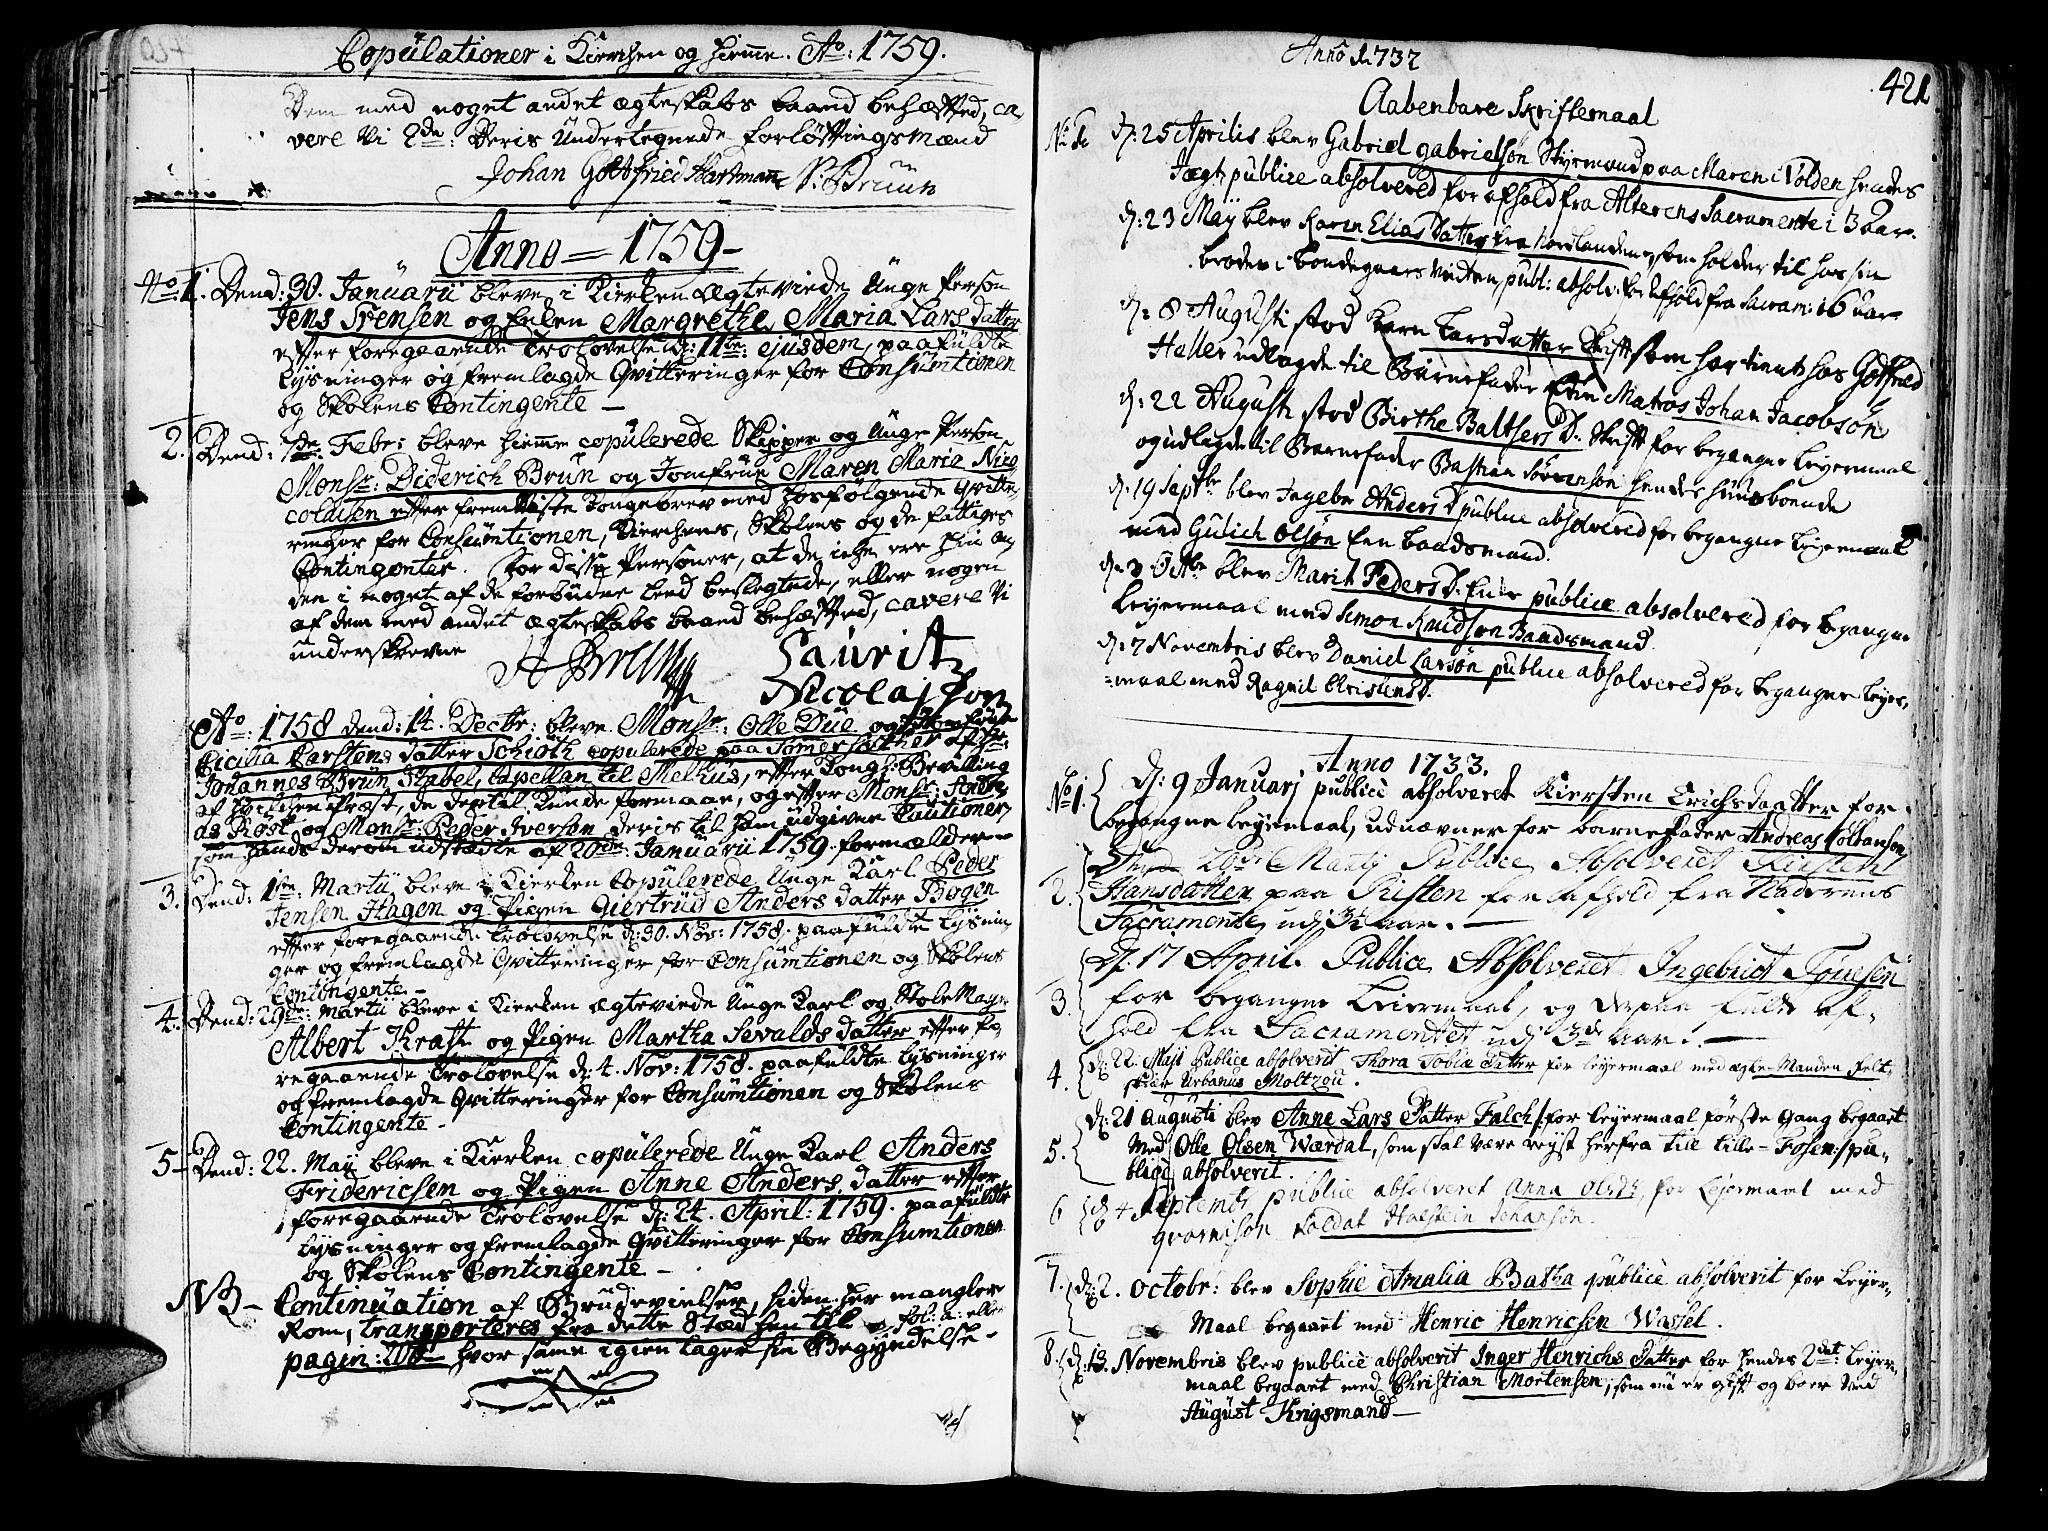 SAT, Ministerialprotokoller, klokkerbøker og fødselsregistre - Sør-Trøndelag, 602/L0103: Ministerialbok nr. 602A01, 1732-1774, s. 421